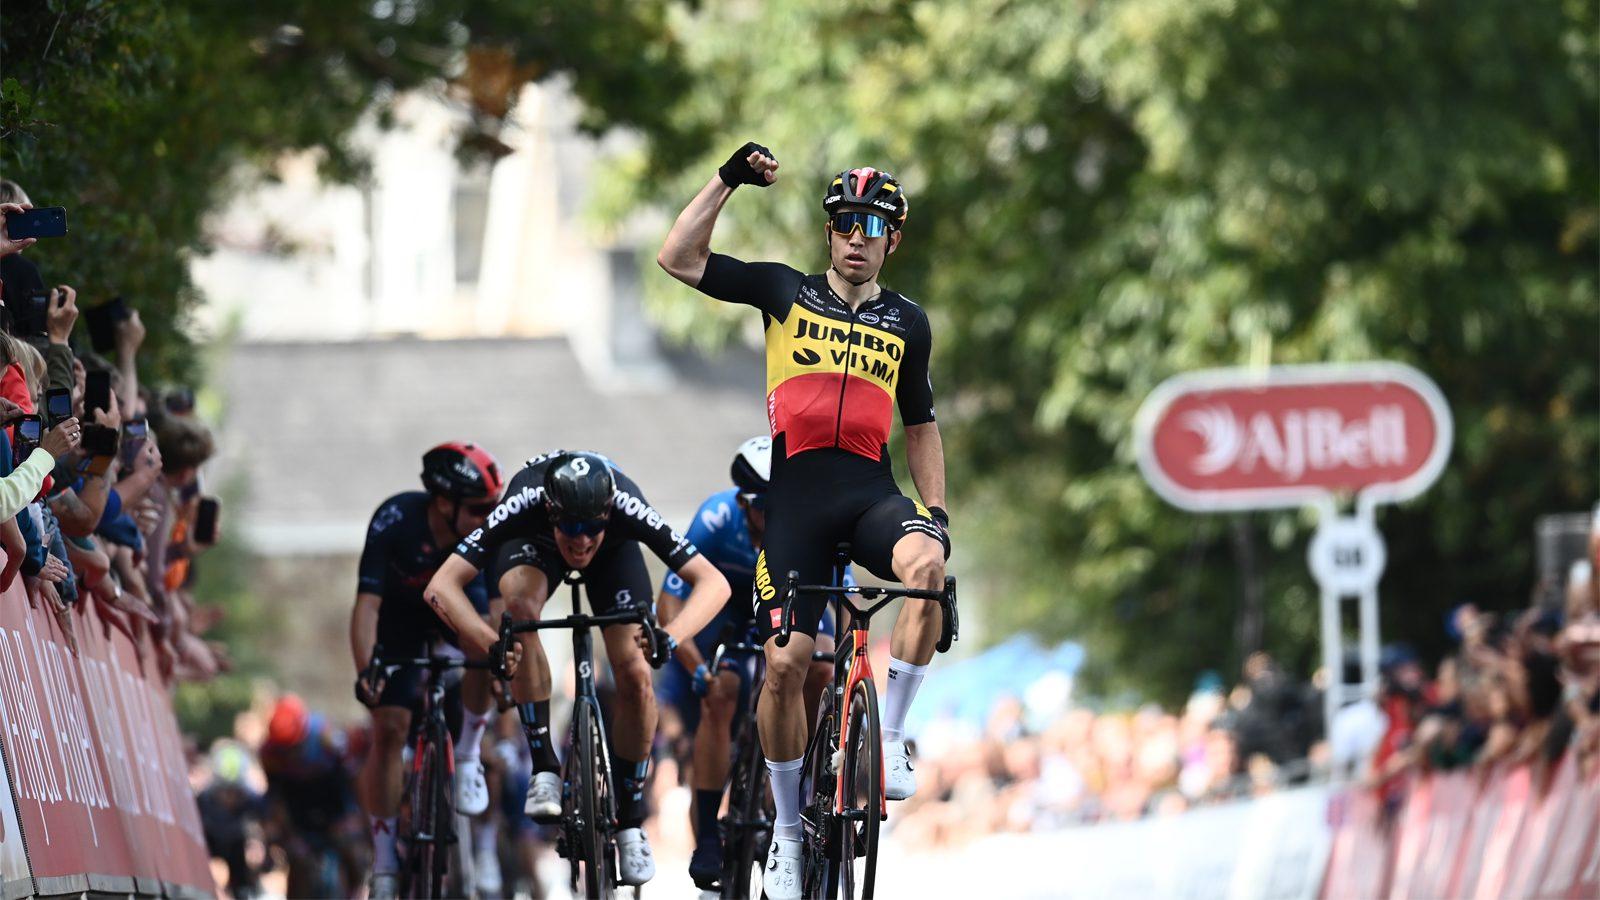 Wout Van Aert vence primeira etapa é o primeiro líder do Tour of Britain!